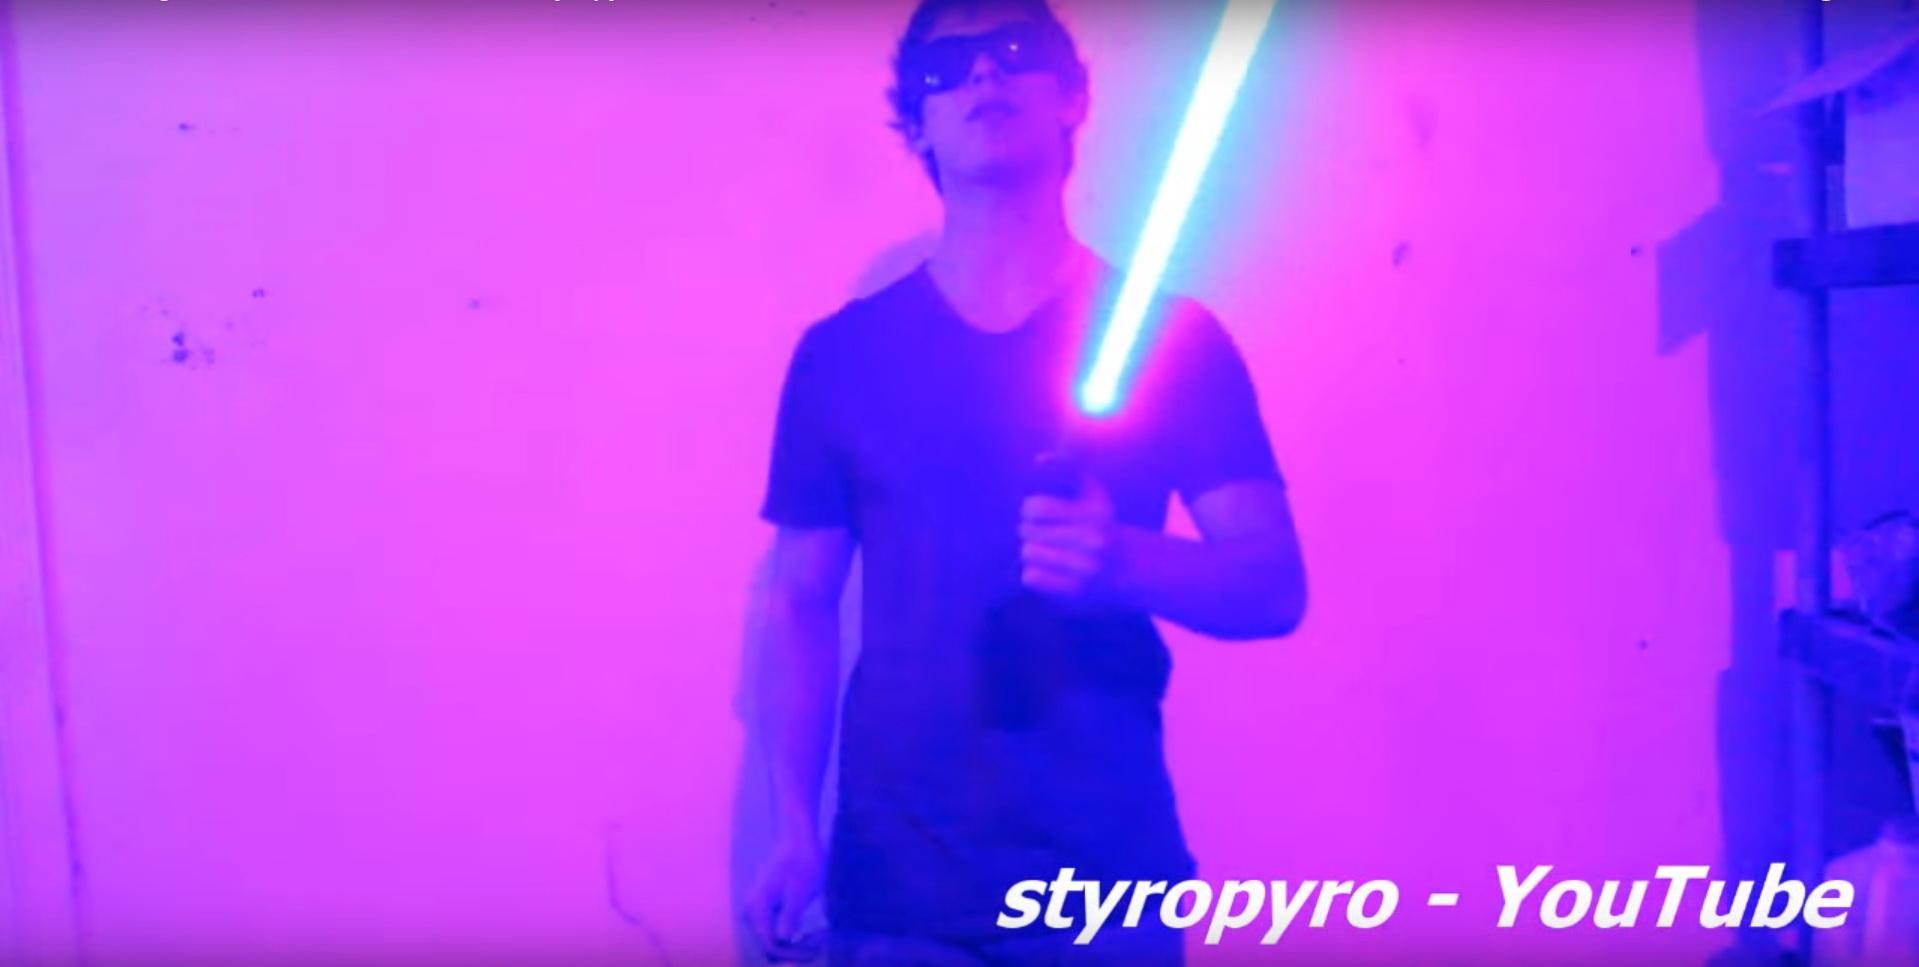 styropyro